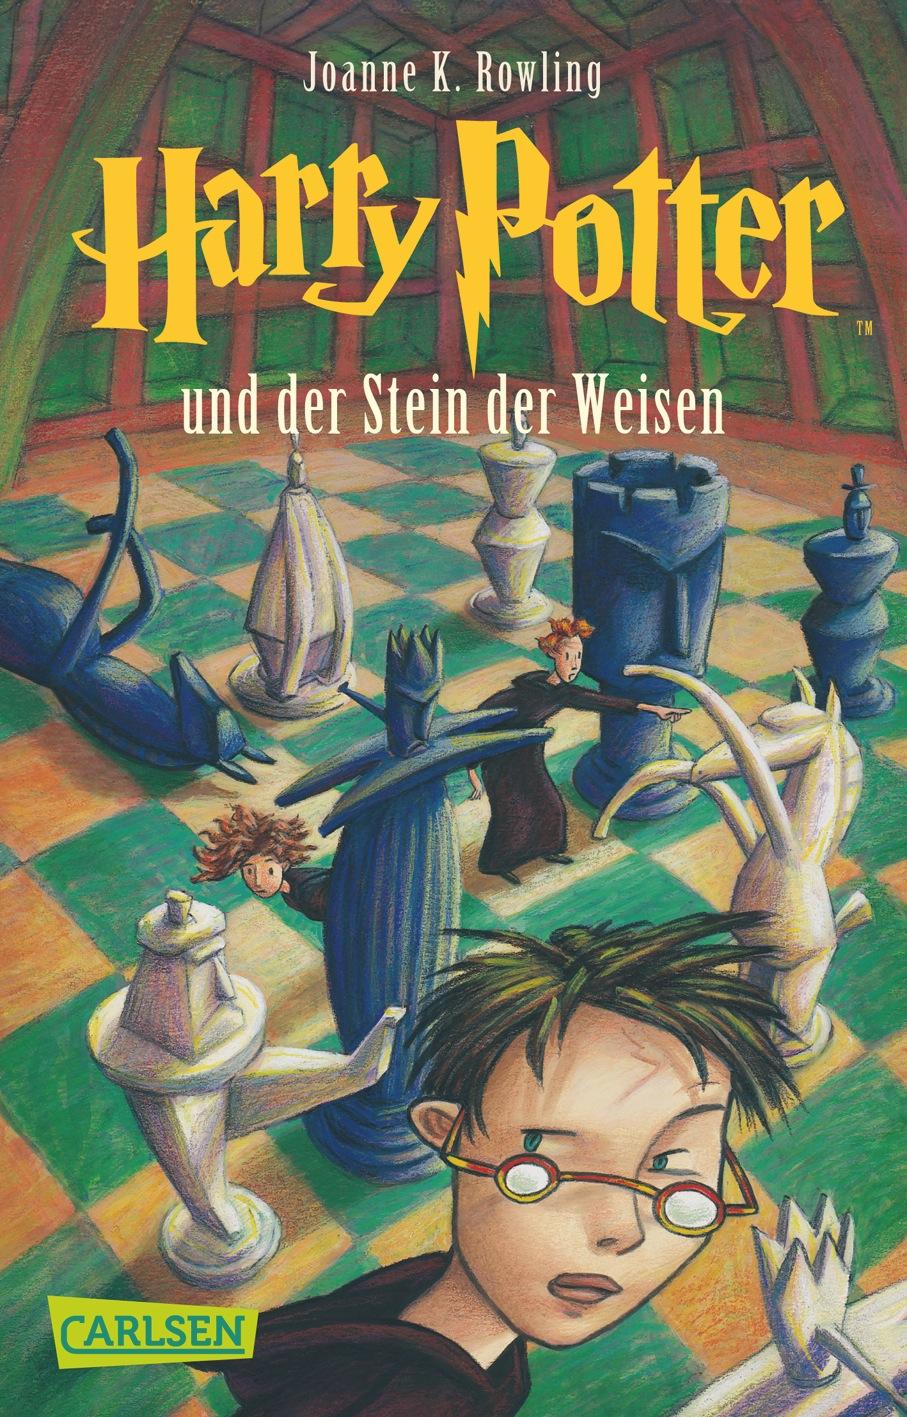 Harry Potter: Band 1 - Harry Potter und der Stein der Weisen - Joanne K. Rowling [Taschenbuch]